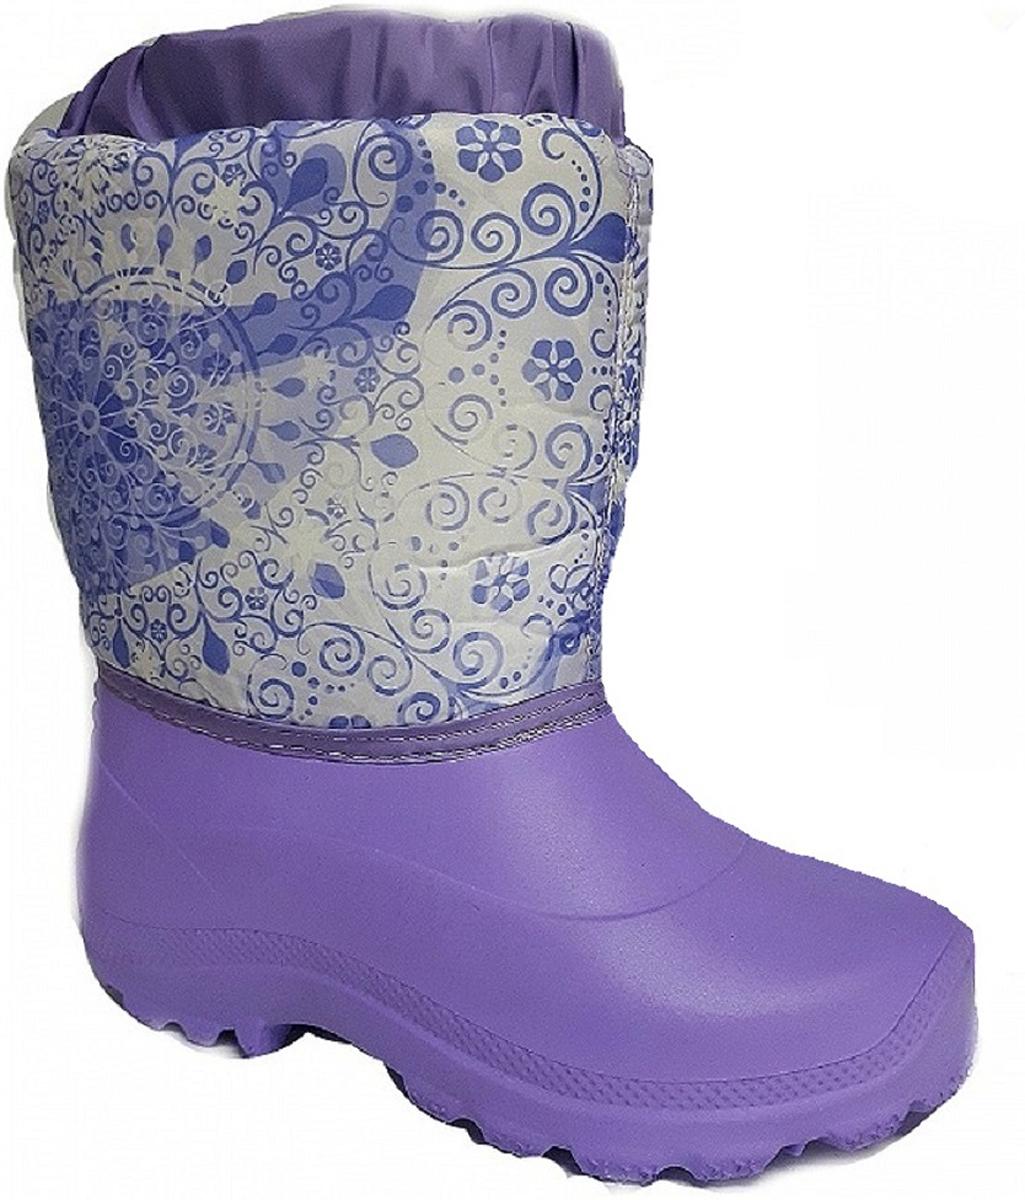 Норды детские Дарина Варенька, цвет: сиреневый. Размер 30-31Д604/30-31сиреньНорды детские Варенька очень легкие и теплые.Низ норда выполнен из морозостойкого материала ЭВА, и анти-скользящей подошвы. Верх норда выполнен из сверхпрочного материал Step и многослойной водоотталкивающей ткани - Drive, что позволяет сохранить ноги Вашего ребенка в тепле и сухости.Тип: Сапоги. Утепленные: да. Температурный режим: до -20С. Дизайн: для детей. Страна производителя: Россия.Сырье продукта: ЭВА. Материал подошвы: ЭВА. Cостав текстильного элемента: фиксатор, люверсы, шнур-резина, молния. Название ткани: Дюспо 210 + ППУ. Свойства ткани Дюспо – это прочная ткань из синтетических волокон (нейлона или полиэстера) определенной структуры с нанесенным полиуретановым покрытием (PU или PVC). Это покрытие обеспечивает водонепроницаемость ткани оксфорд и препятствует накоплению грязи между волокнами. Рулонный пенополиуретан (ППУ) широко используется в обувной промышленности. Не съёмный. Кол-во слоев: 3. Вид ткани: ворсин + стелька ЭВА. Состав ткани: однослойное ворсованное полотно из полиэстера. Поверхностная плотность 400 г/м2. Используется как альтернатива искусственному меху. Швы 0,5-0,7. Технология шва: стачной шов с открытым срезом, стачной шов с обметанным срезом, окантовка верхнего среза тесьмой.